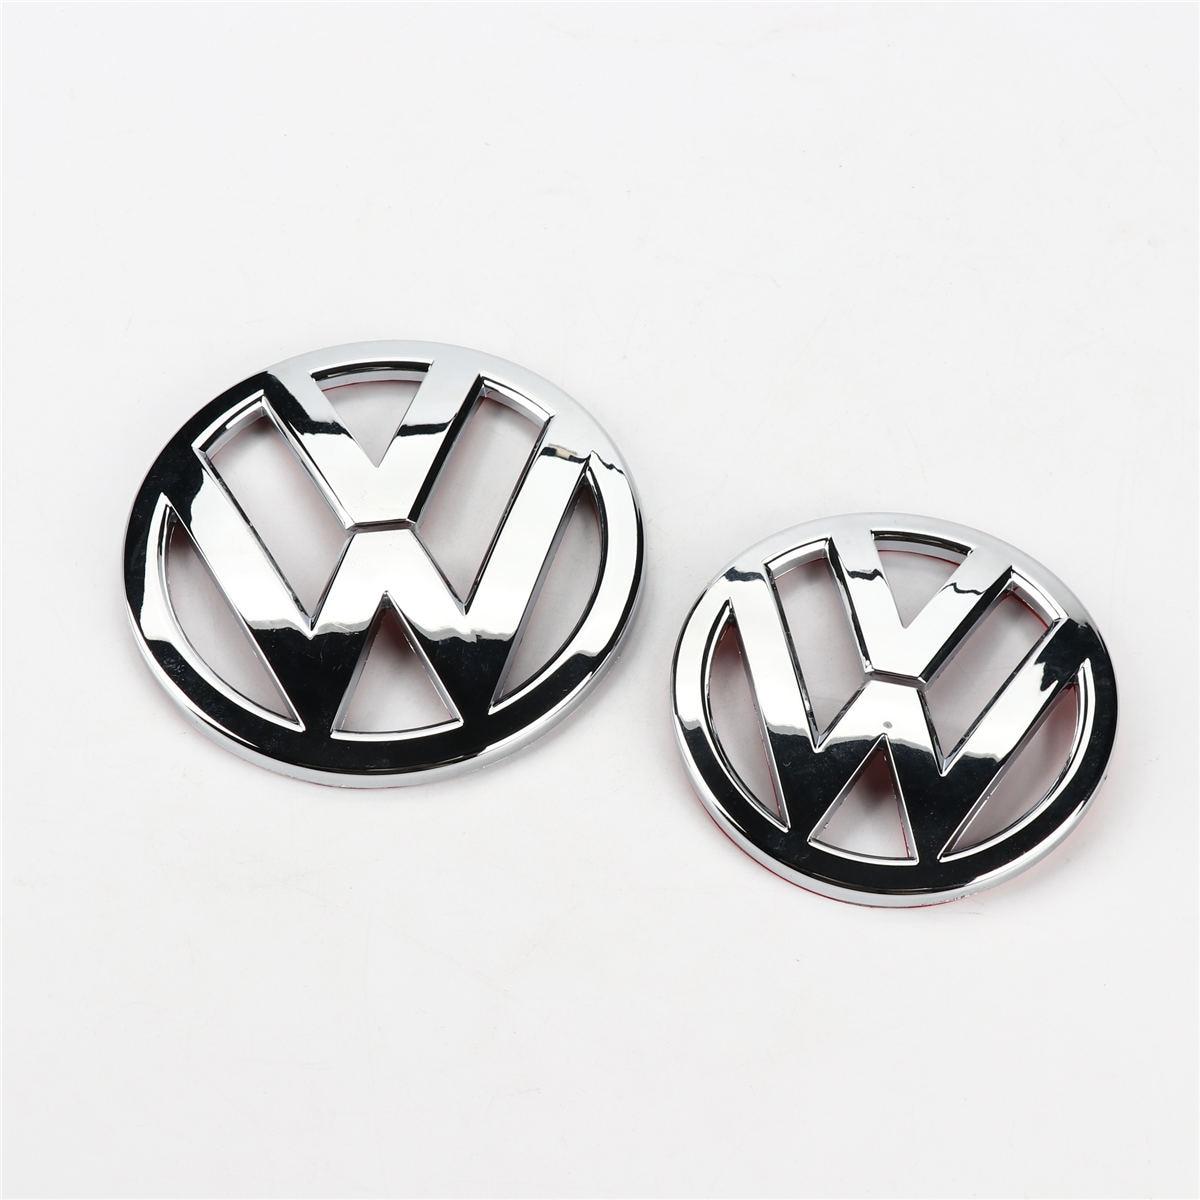 2 stücke Chrom 110mm Vorne Grill Abzeichen Emblem + 90mm Hinten Stamm Deckel Logo für VW Scirocco 1K 8 853 600/630 B 739